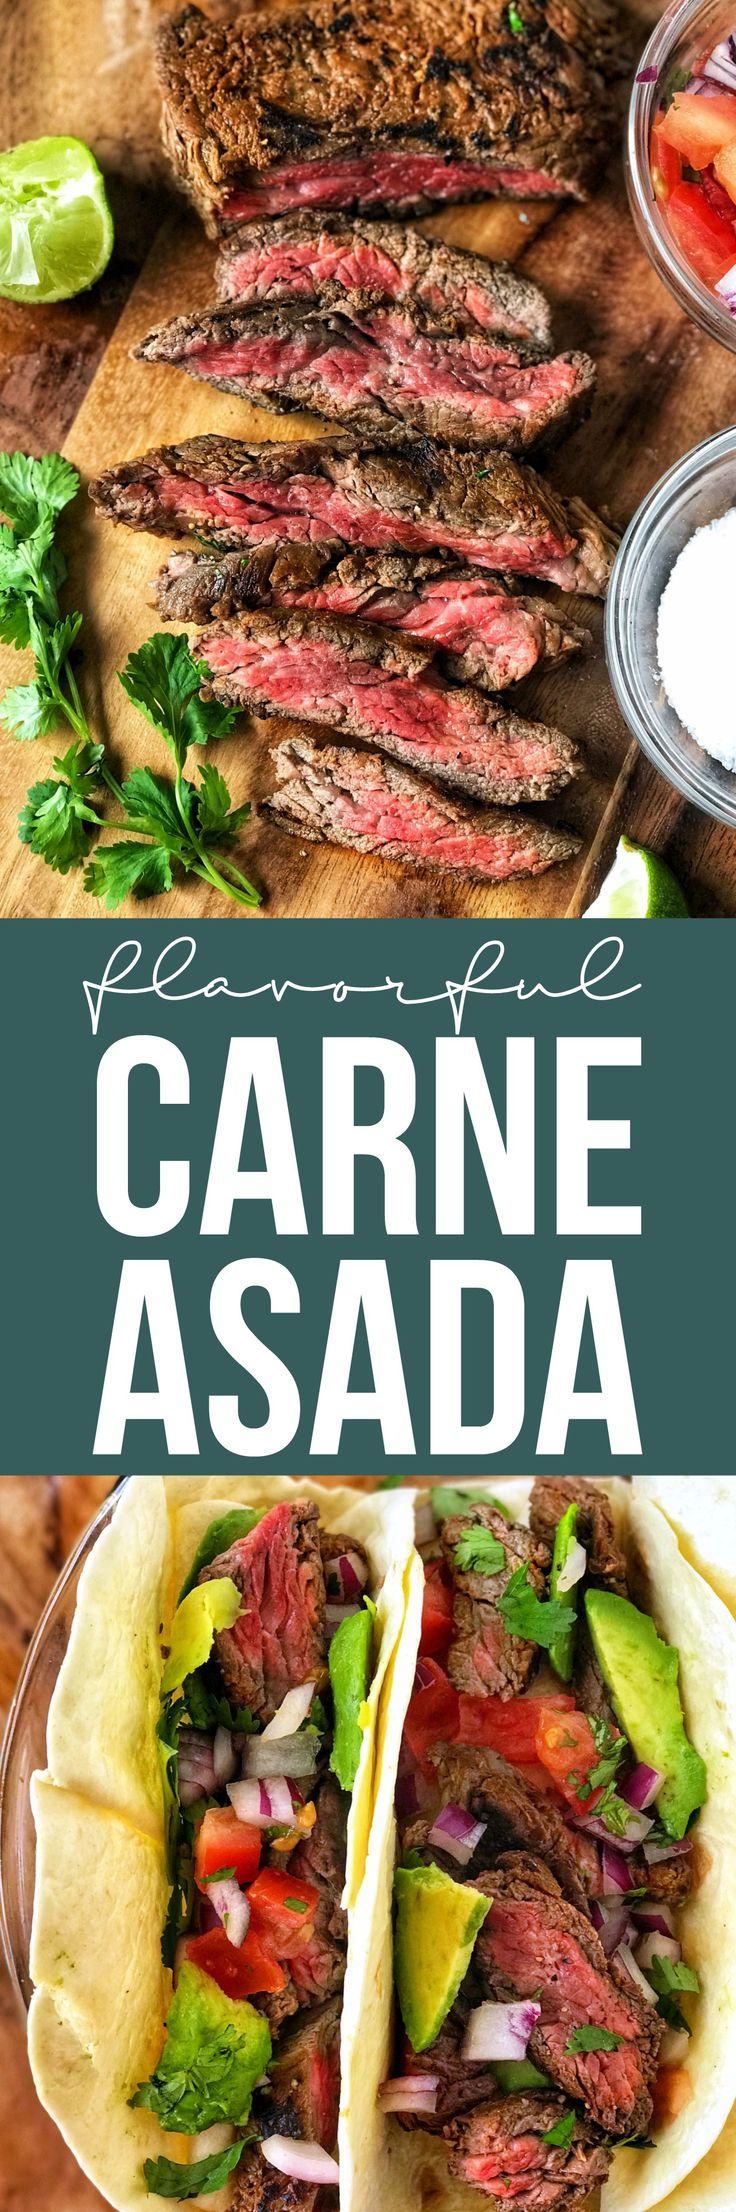 Hf ideas parrillas y asados - Carne Asada